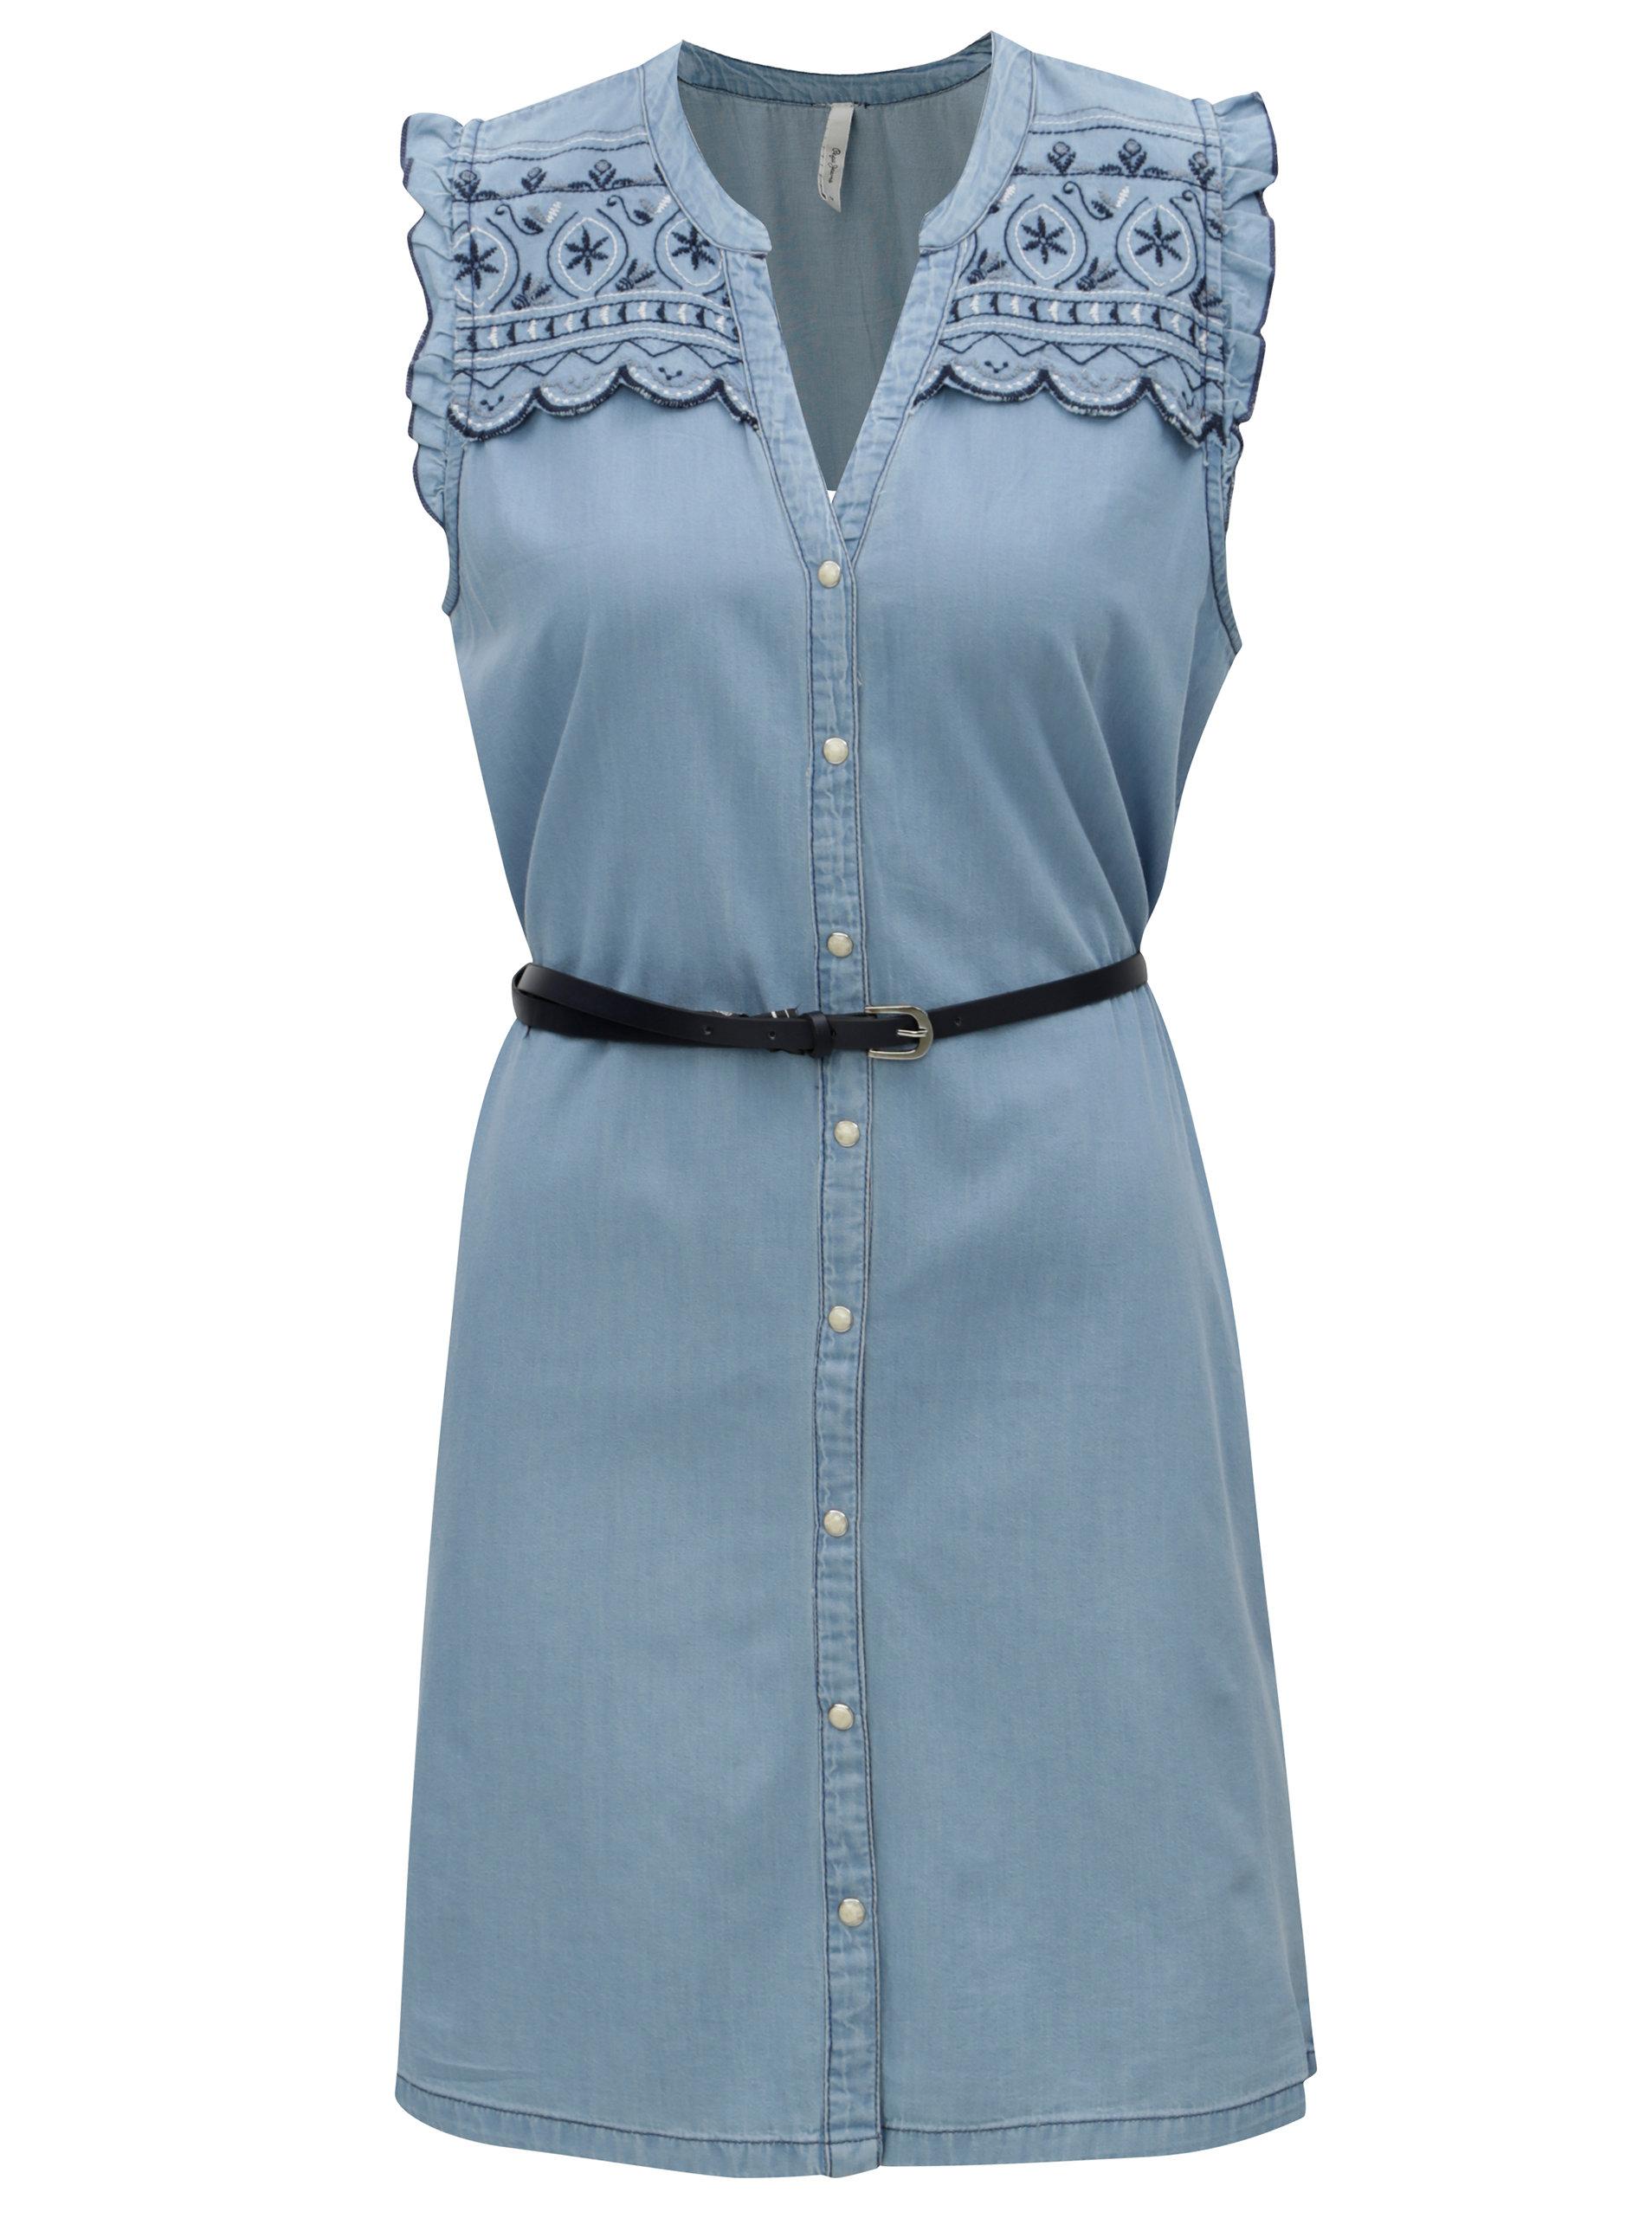 Světle modré džínové šaty s výšivkou Pepe Jeans Lura ... f442e1897c